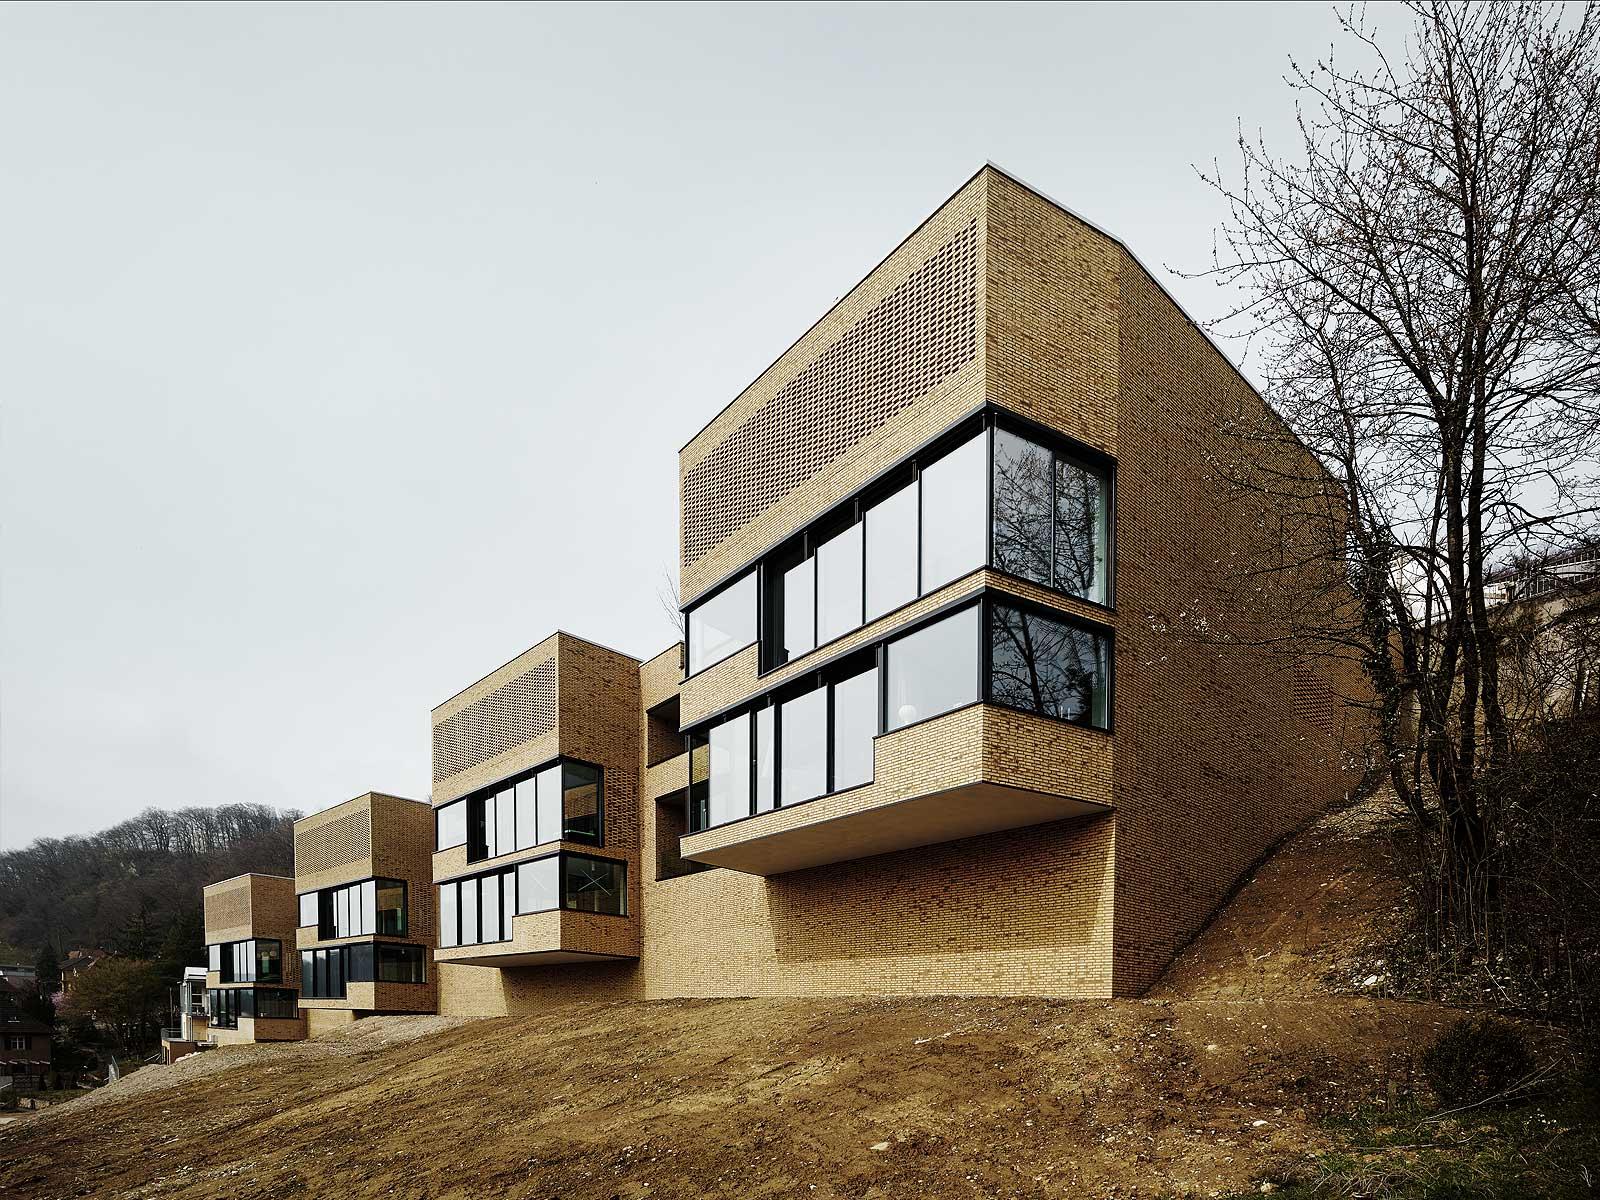 best architects architektur award burkard meyer architekten burkard meyer architekten. Black Bedroom Furniture Sets. Home Design Ideas